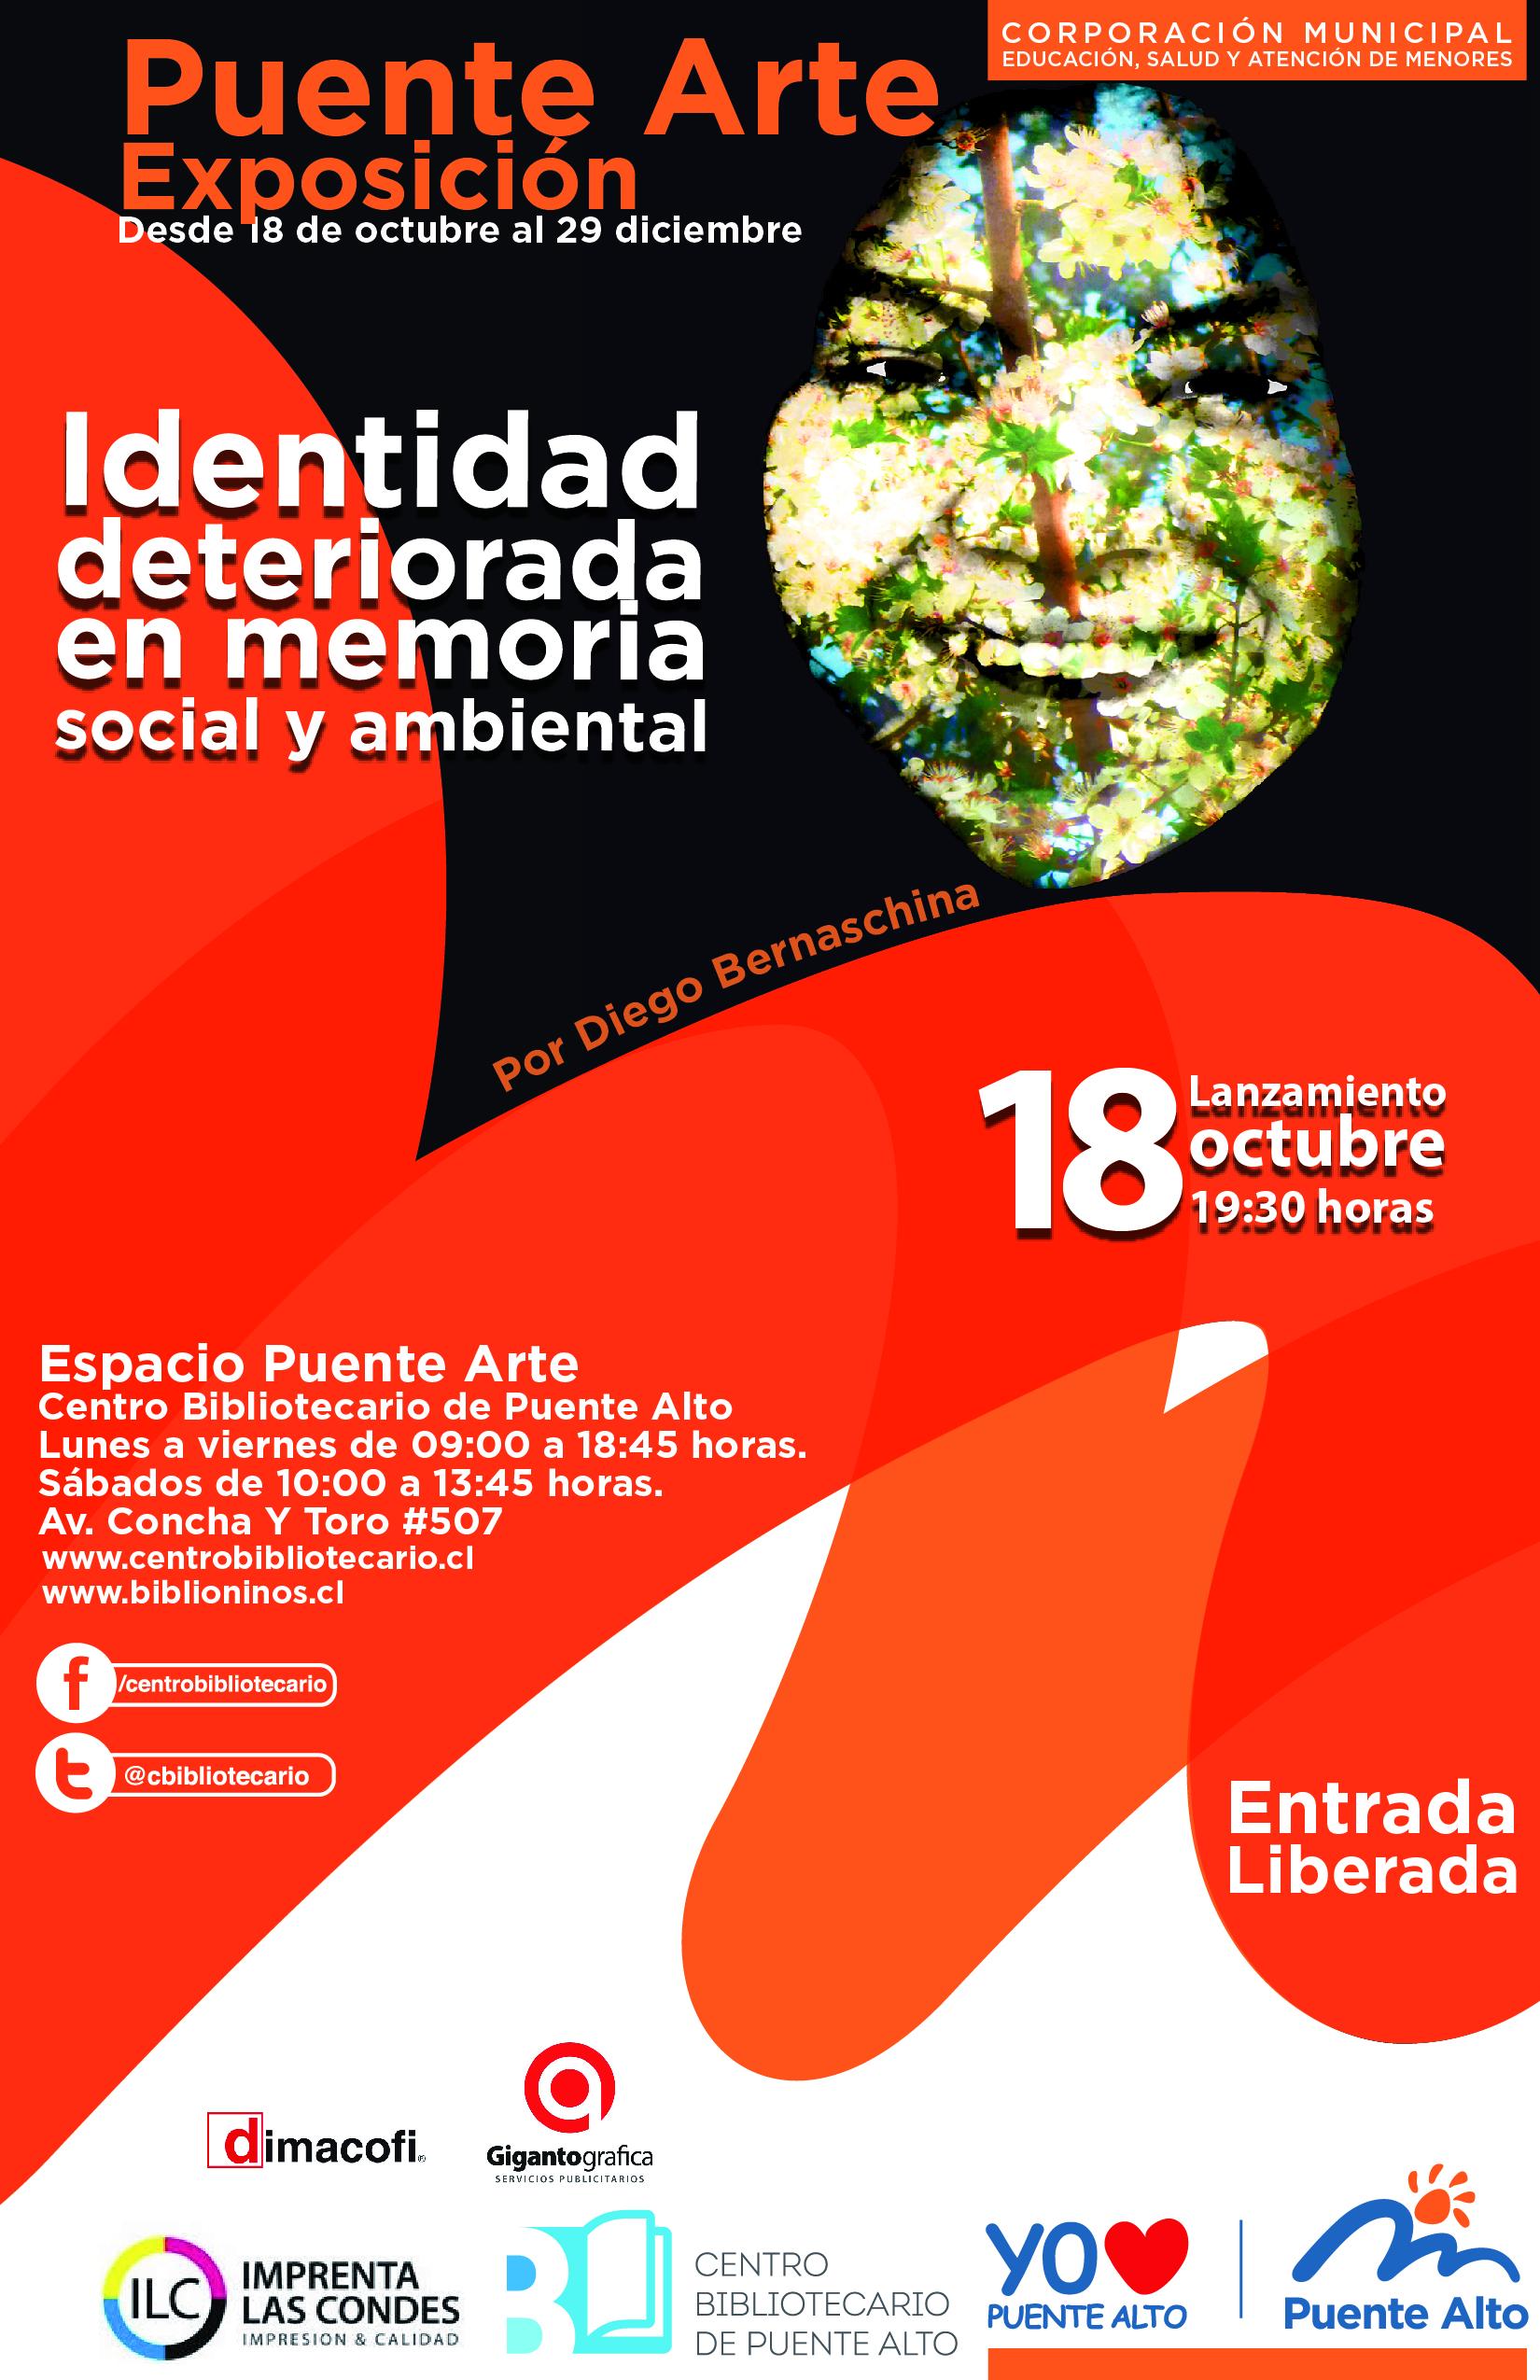 Exposición: Identidad deteriorada en memoria social y ambiental Por Diego Bernaschina